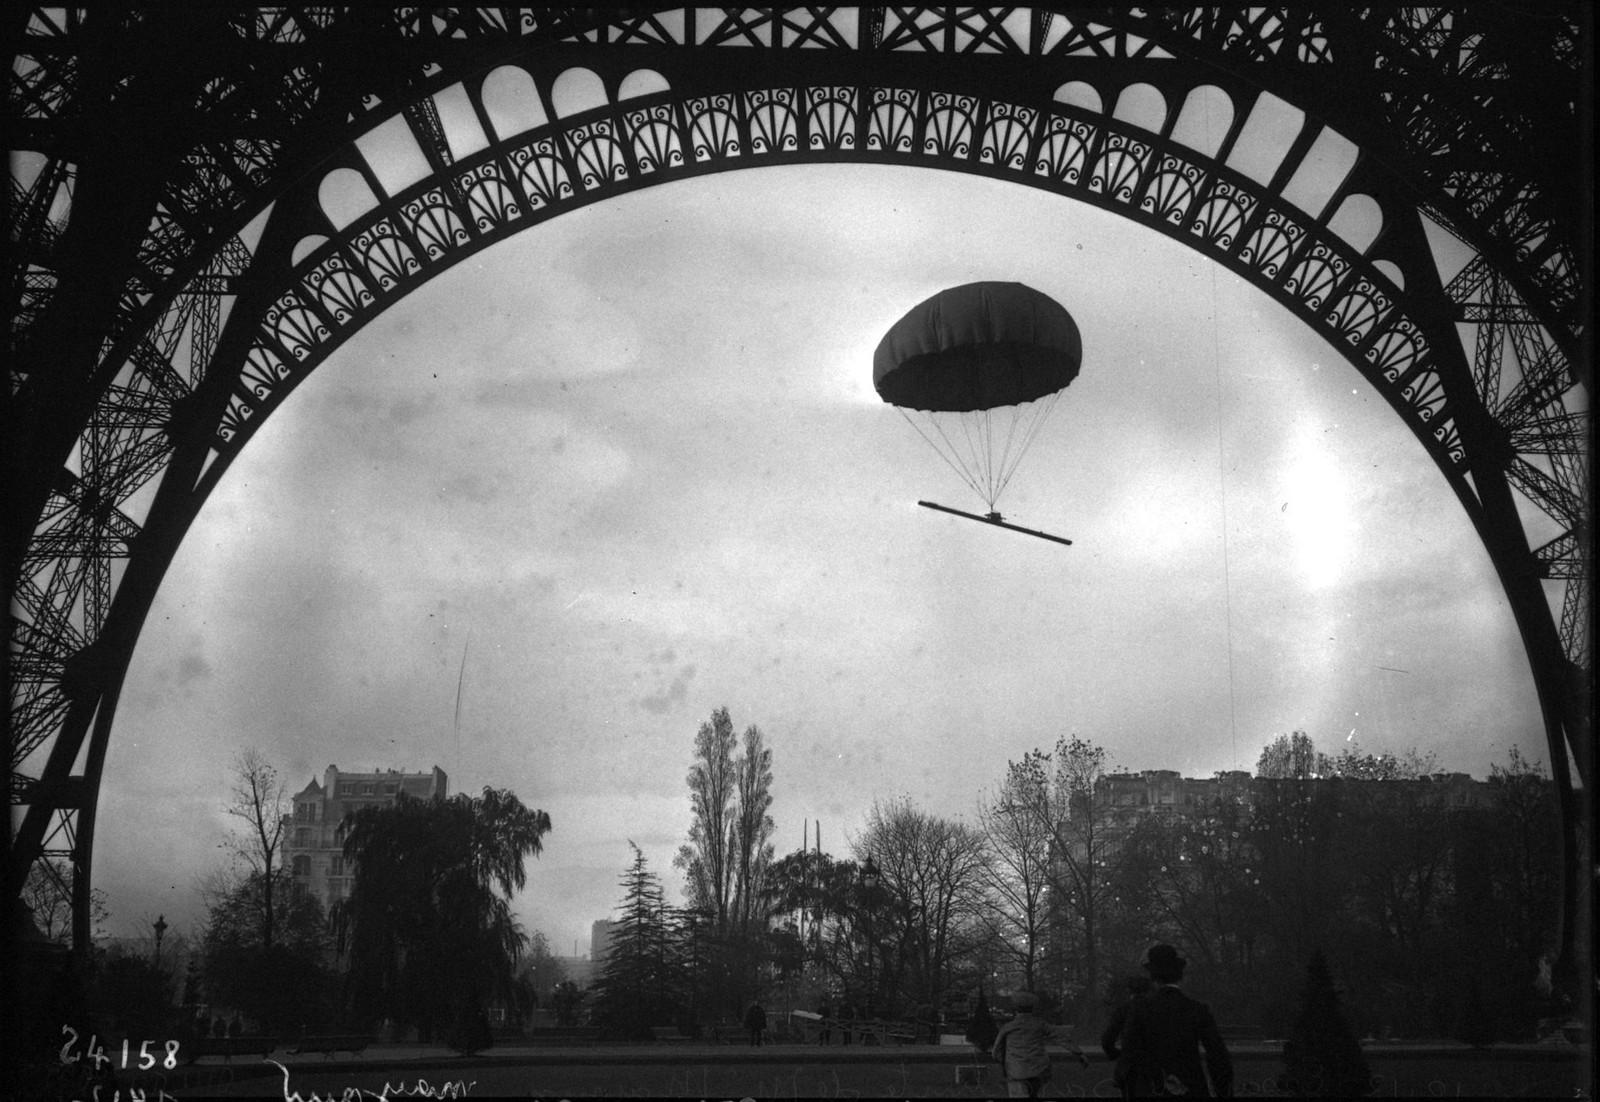 1912. Испытания парашюта М. Майу. Спуск парашюта, прикрепленного к 40-килограммовой балке. Вид из-под Эйфелевой башней. 20 октября